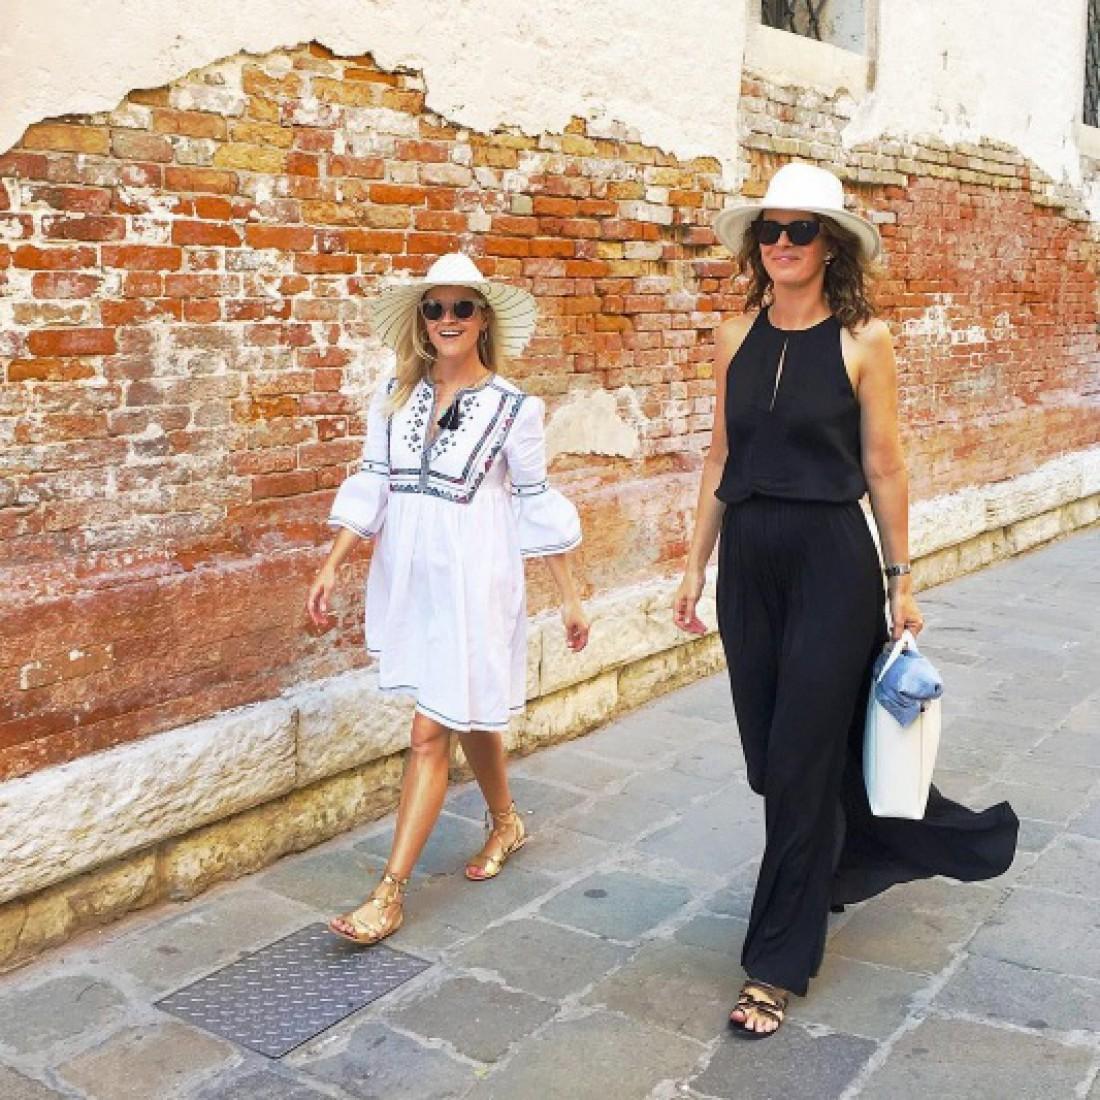 Риз гуляет по Венеции в вышиванке